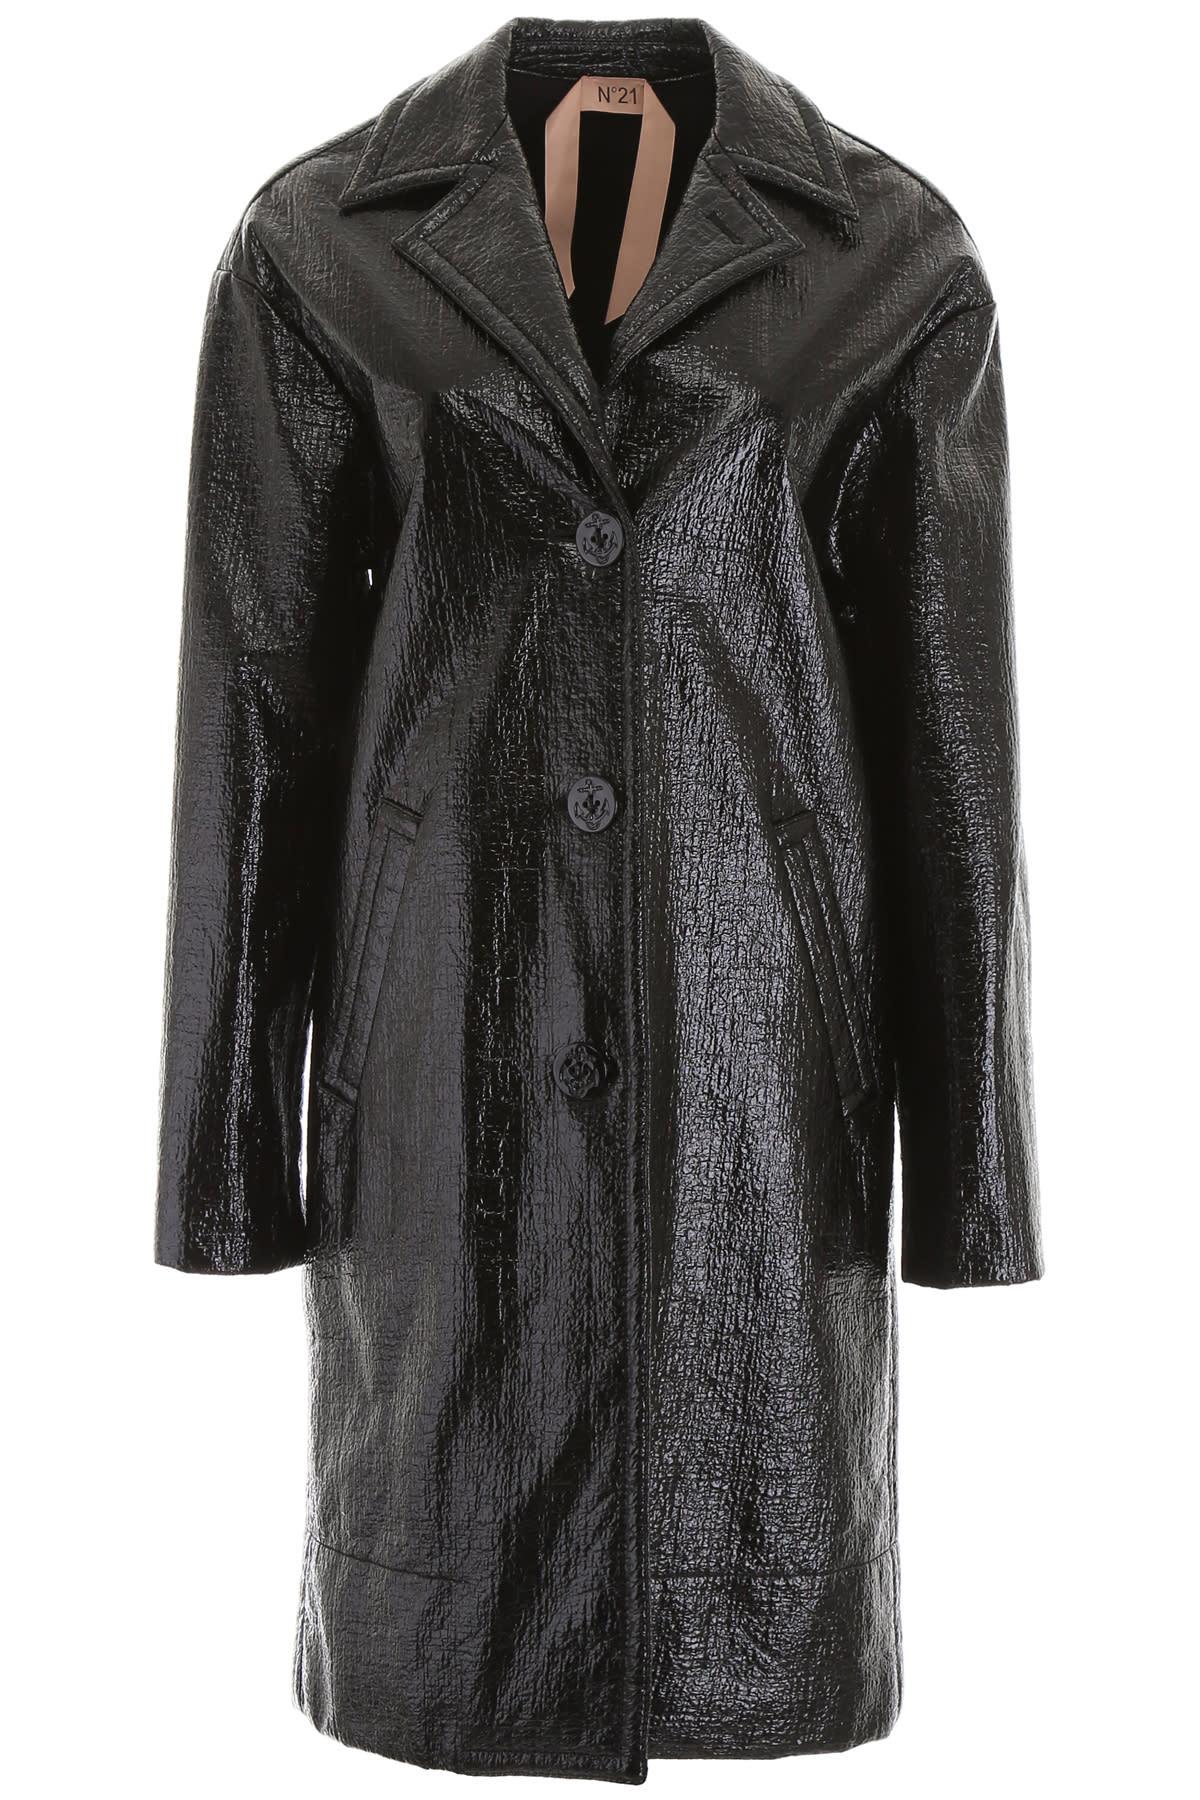 N.21 Waxed Coat